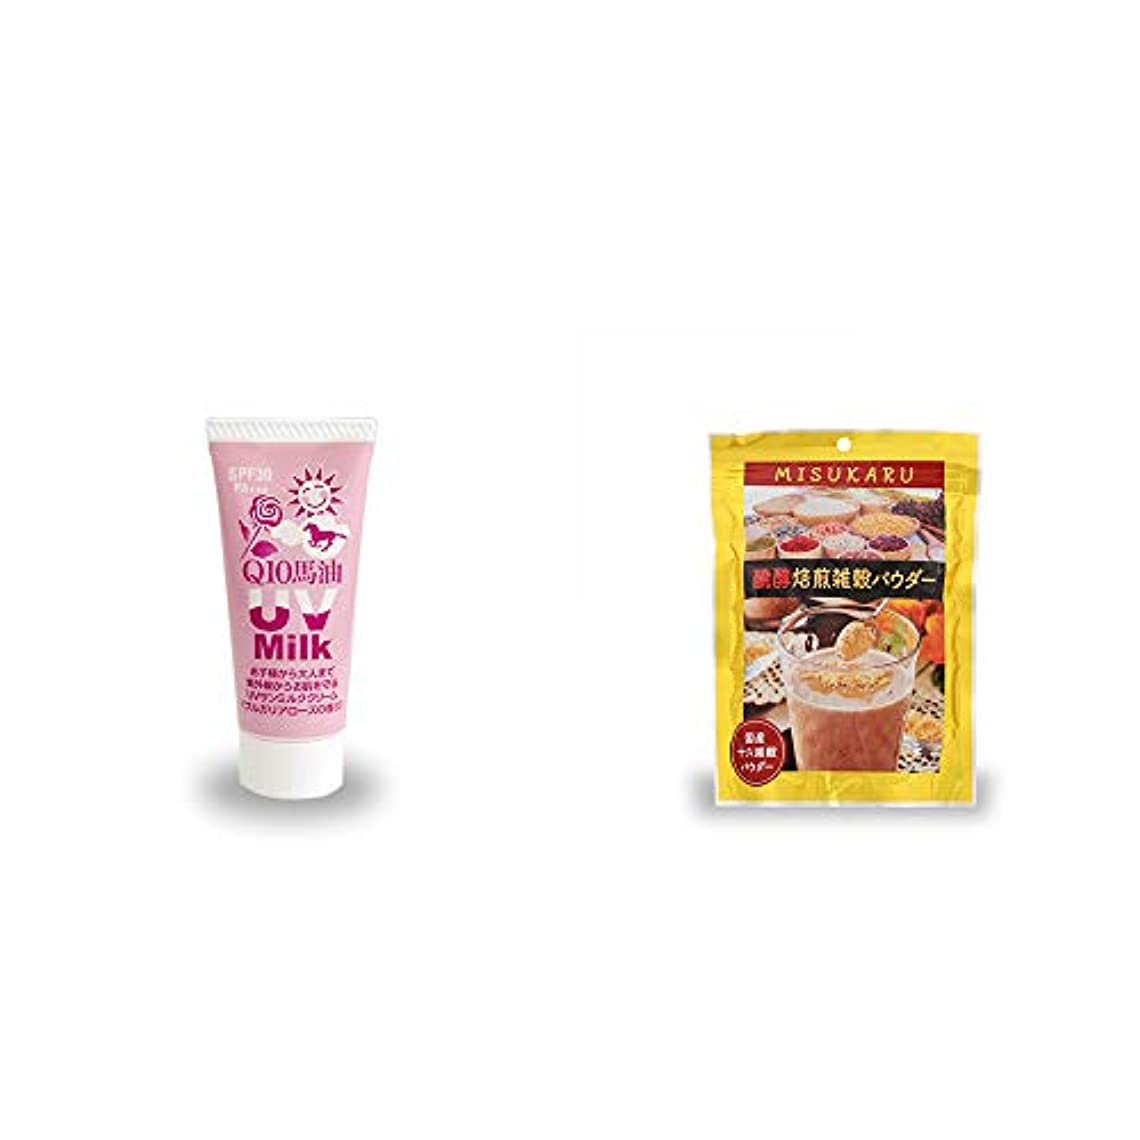 困難略すホバート[2点セット] 炭黒泉 Q10馬油 UVサンミルク[ブルガリアローズ](40g)?醗酵焙煎雑穀パウダー MISUKARU(ミスカル)(200g)